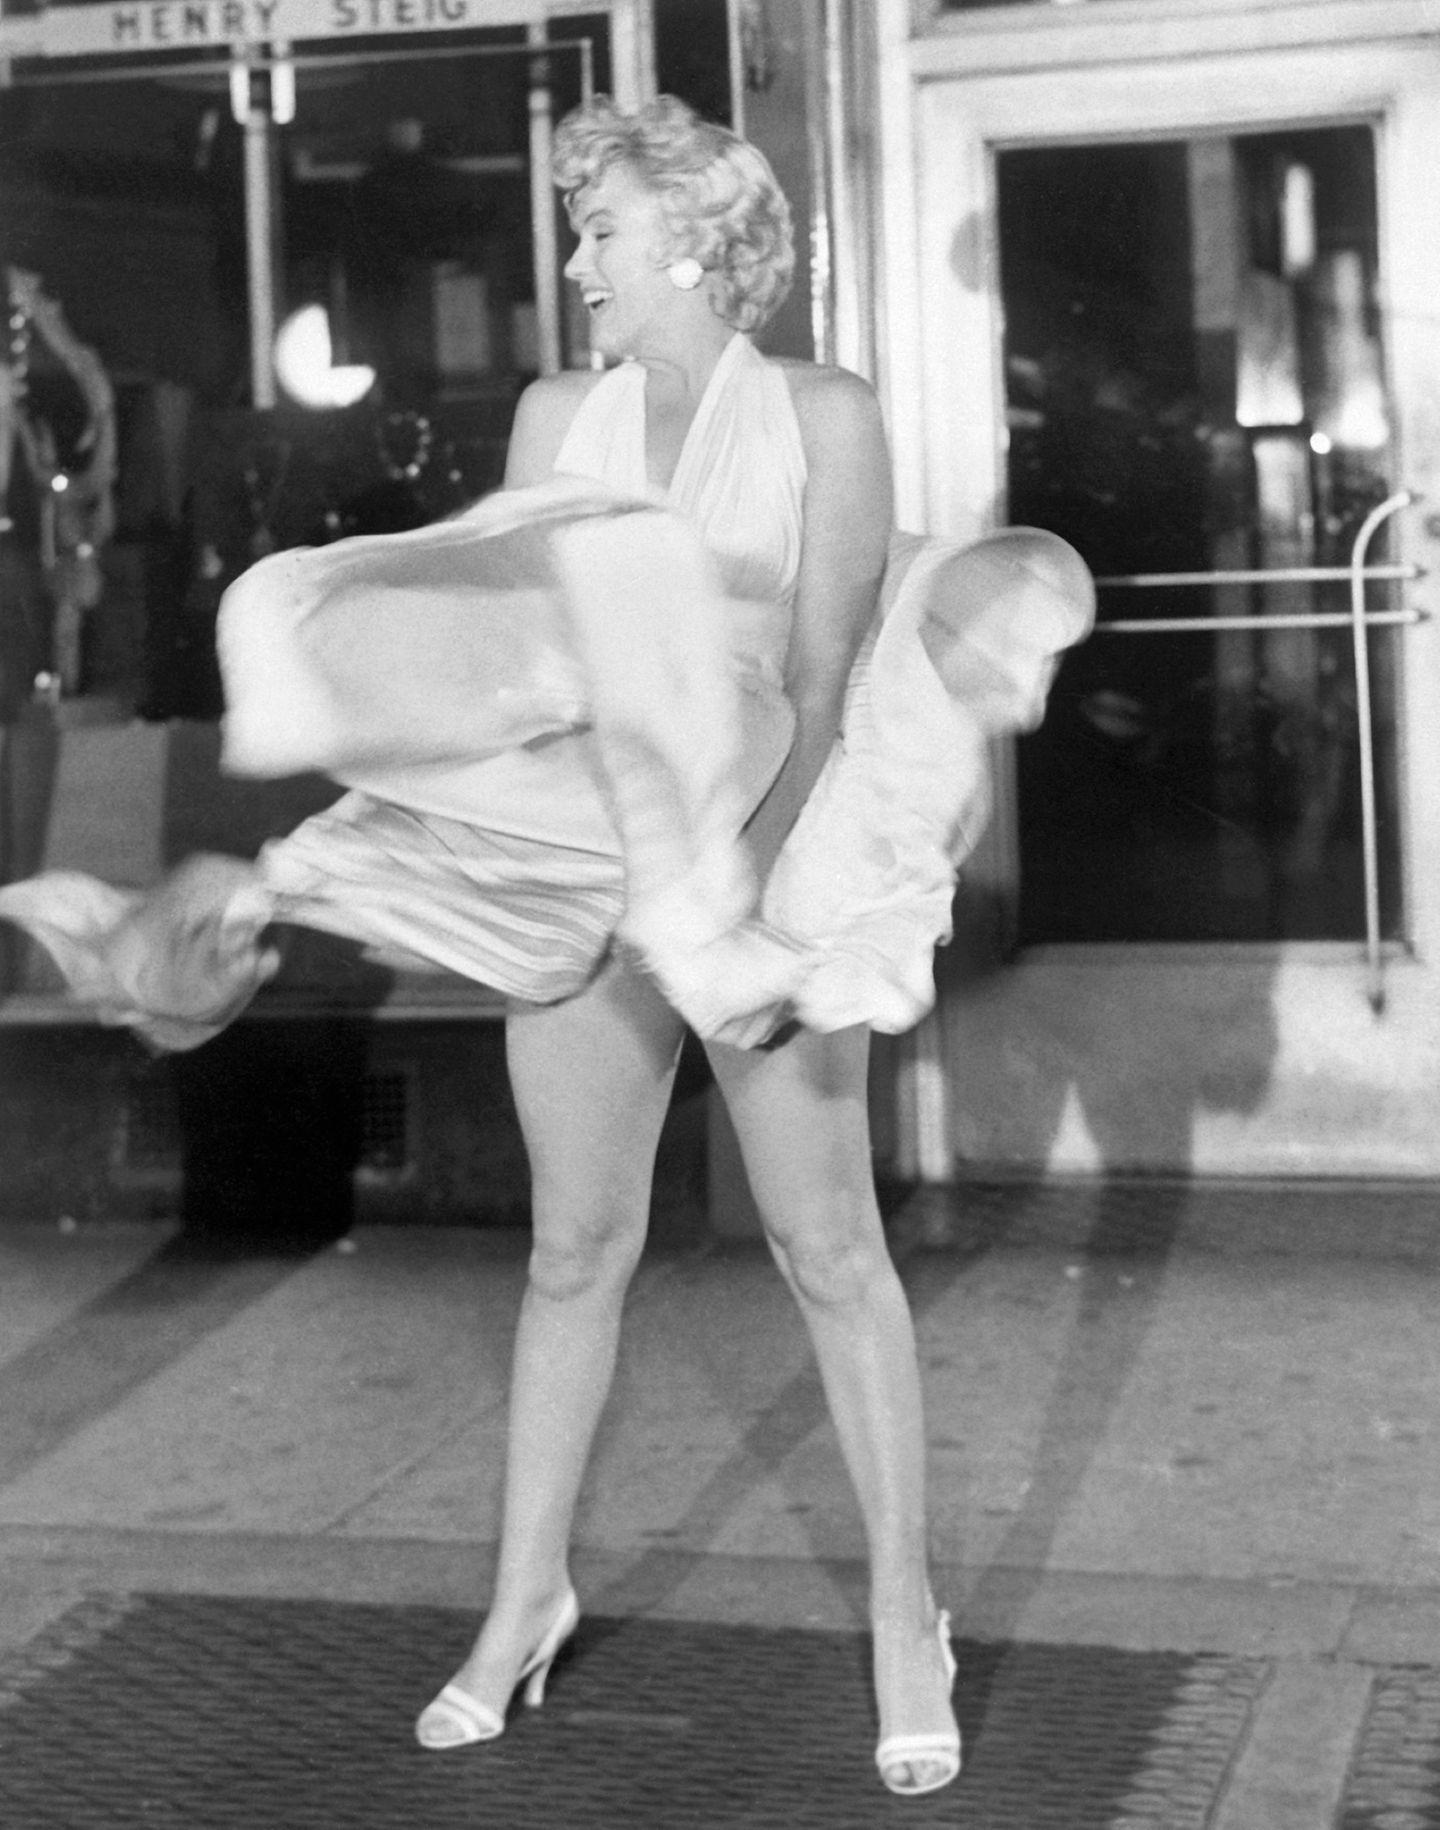 Kleider-Skandal von Marilyn Monroe bei den Dreharbeiten